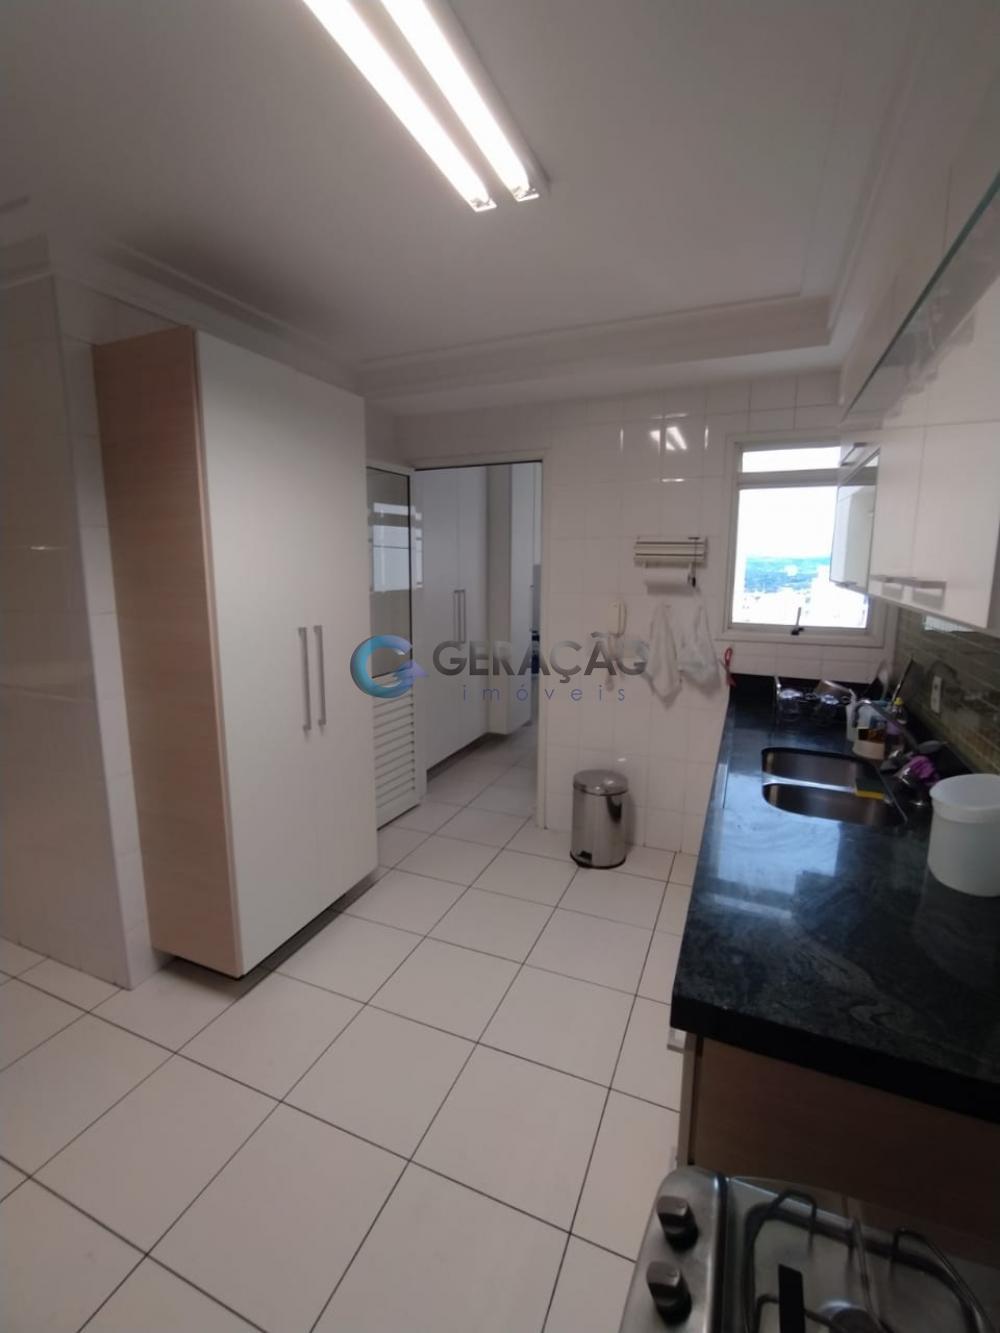 Alugar Apartamento / Padrão em São José dos Campos R$ 7.600,00 - Foto 7